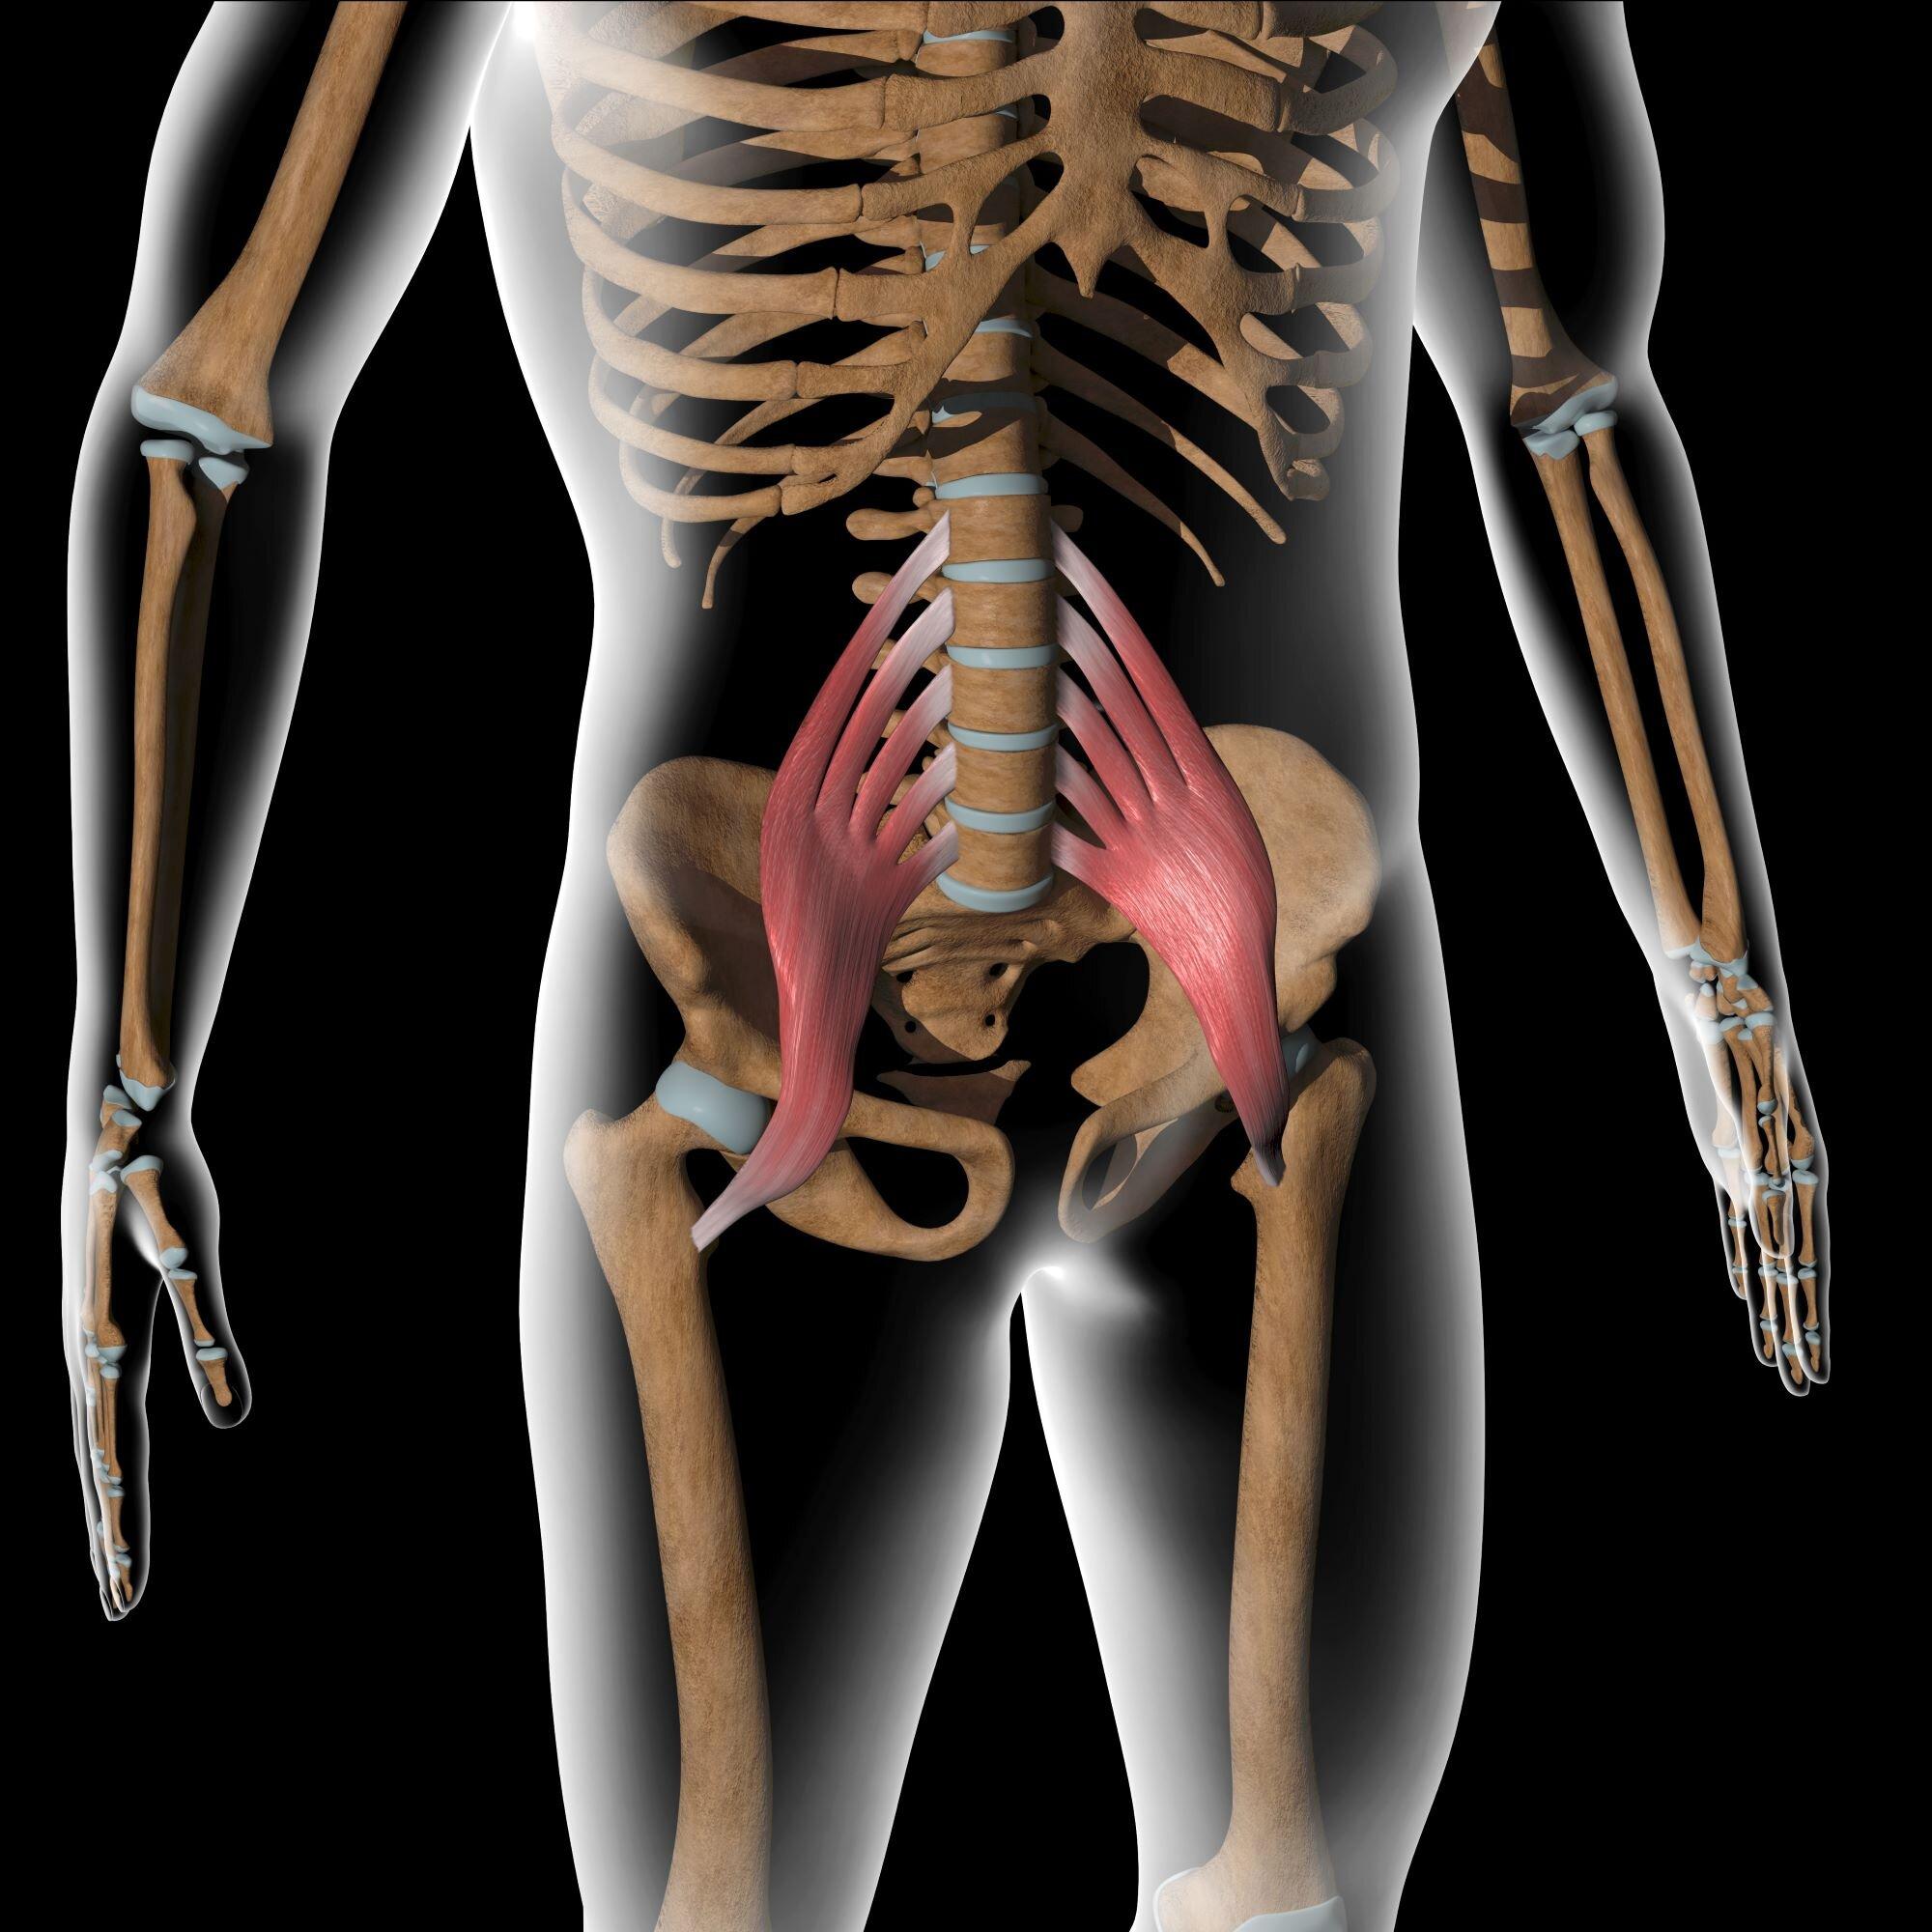 Sindromul muscularului ilio-lombar (sindrom psoas)